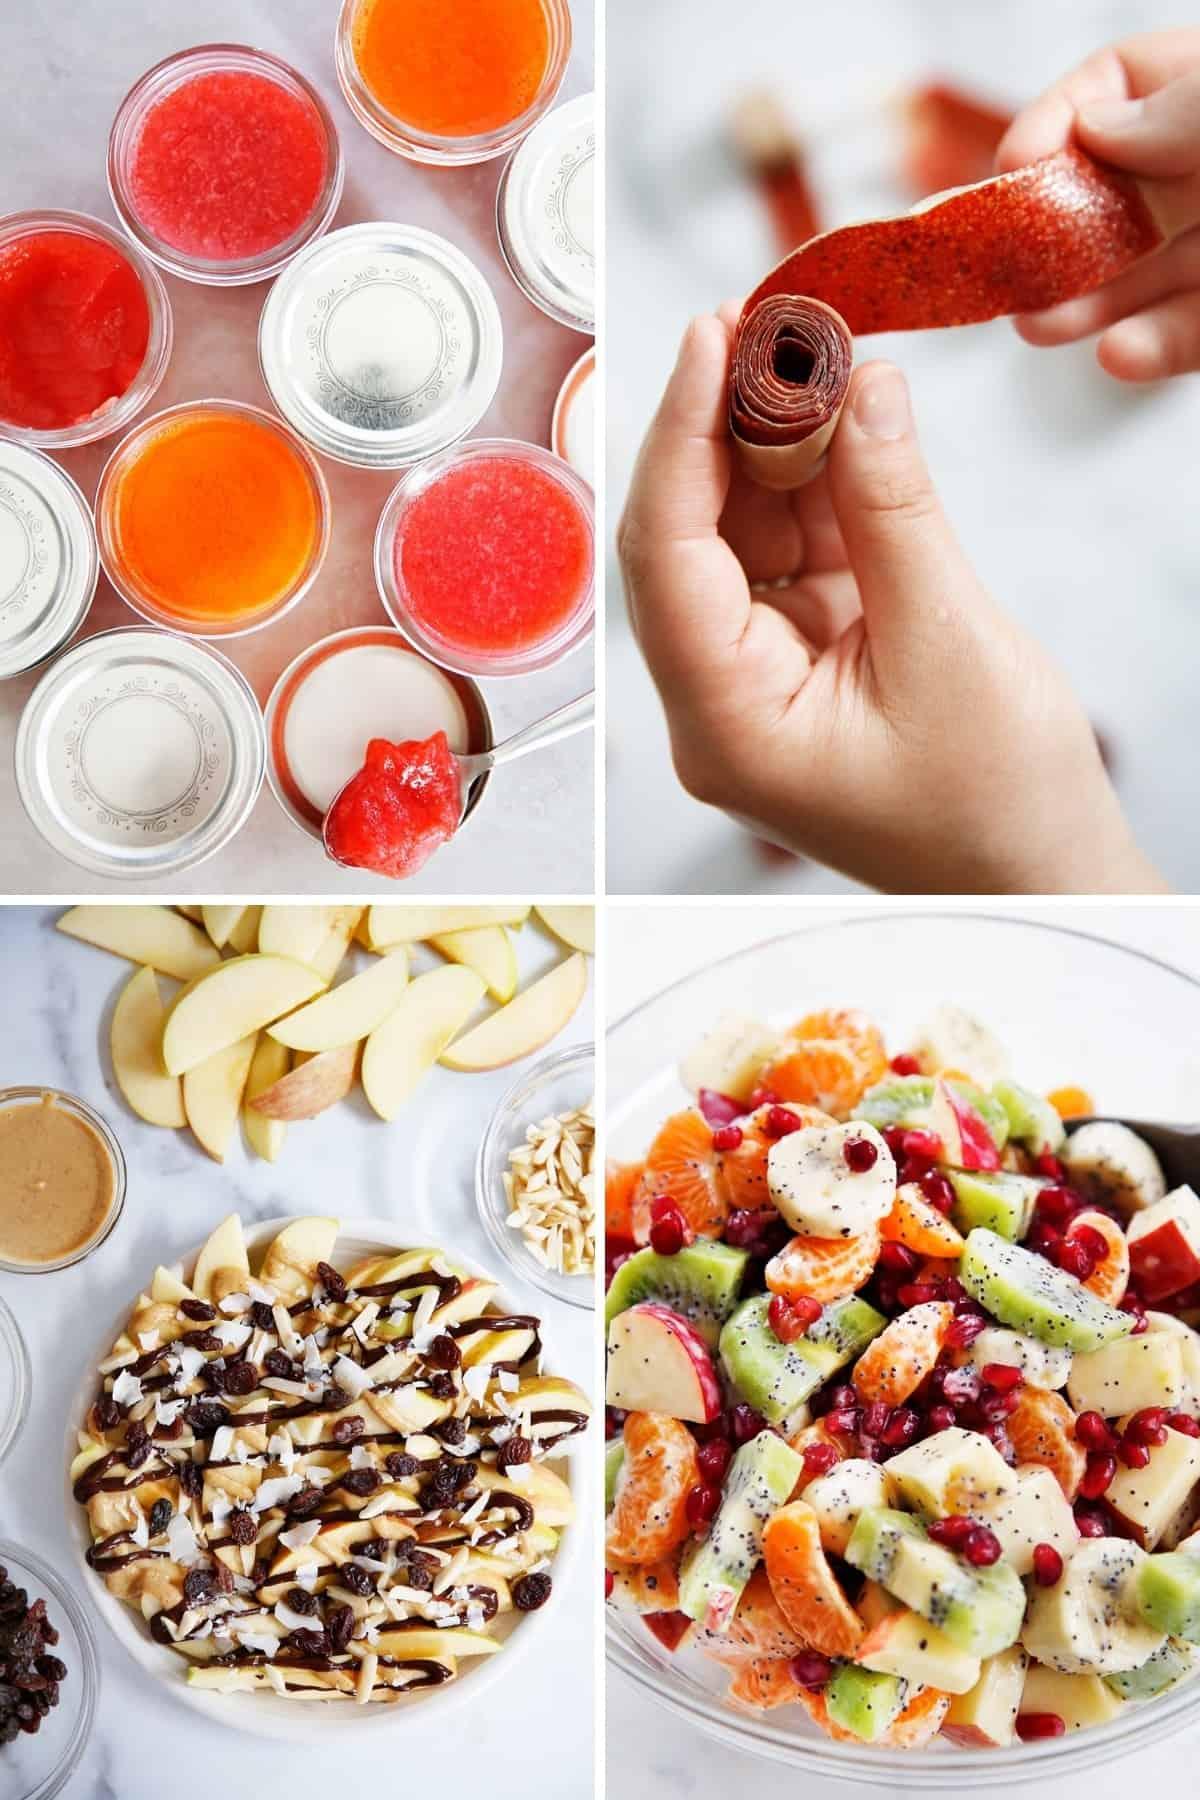 Healthy paleo snack recipes.